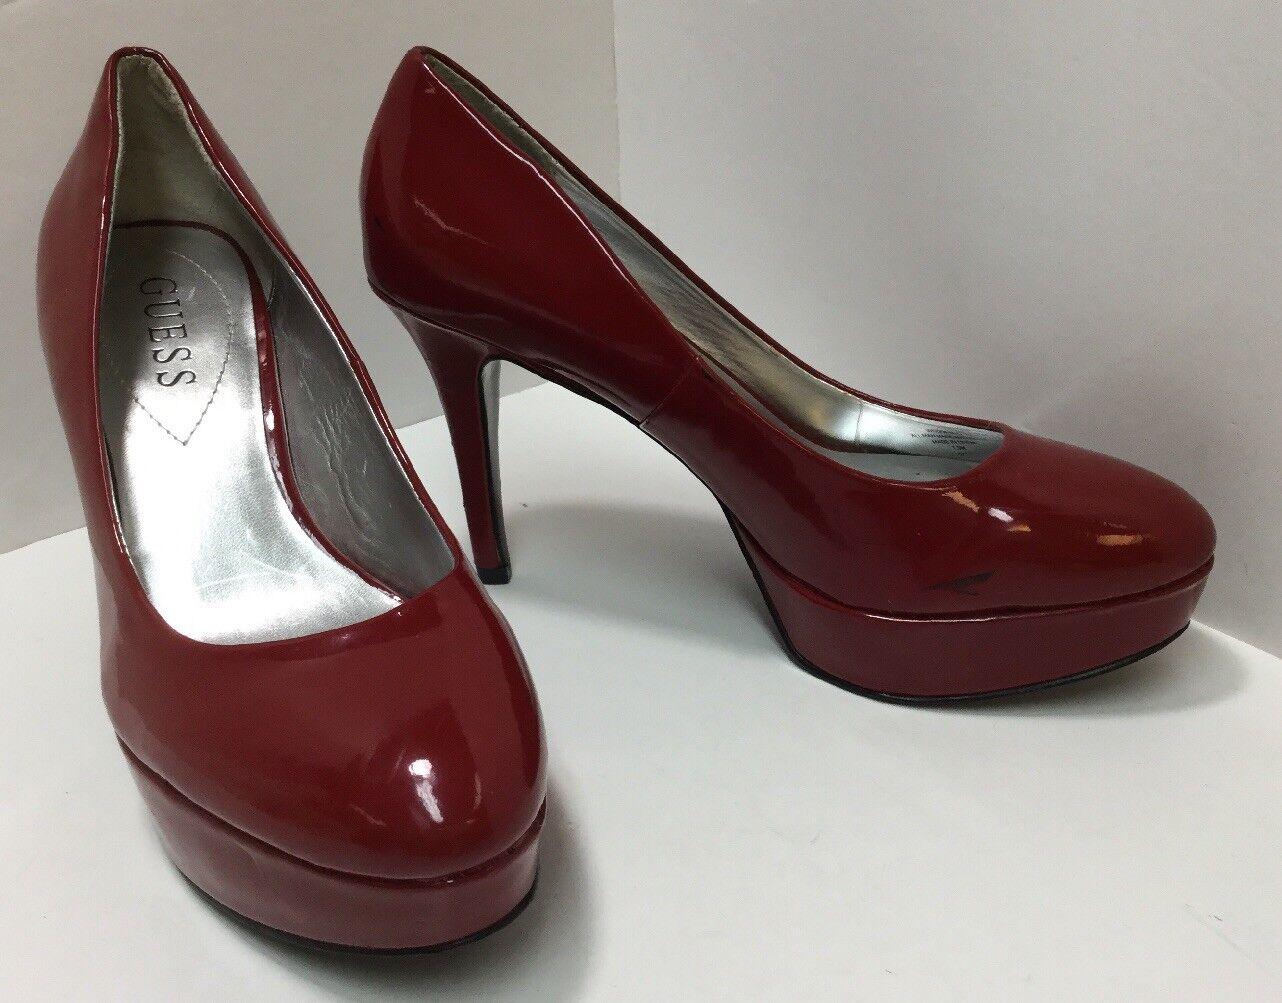 STEVE High MADDEN Women's Platform Pumps High STEVE Heels Cherry Red Shiny - Size 7.5 4a0ae8